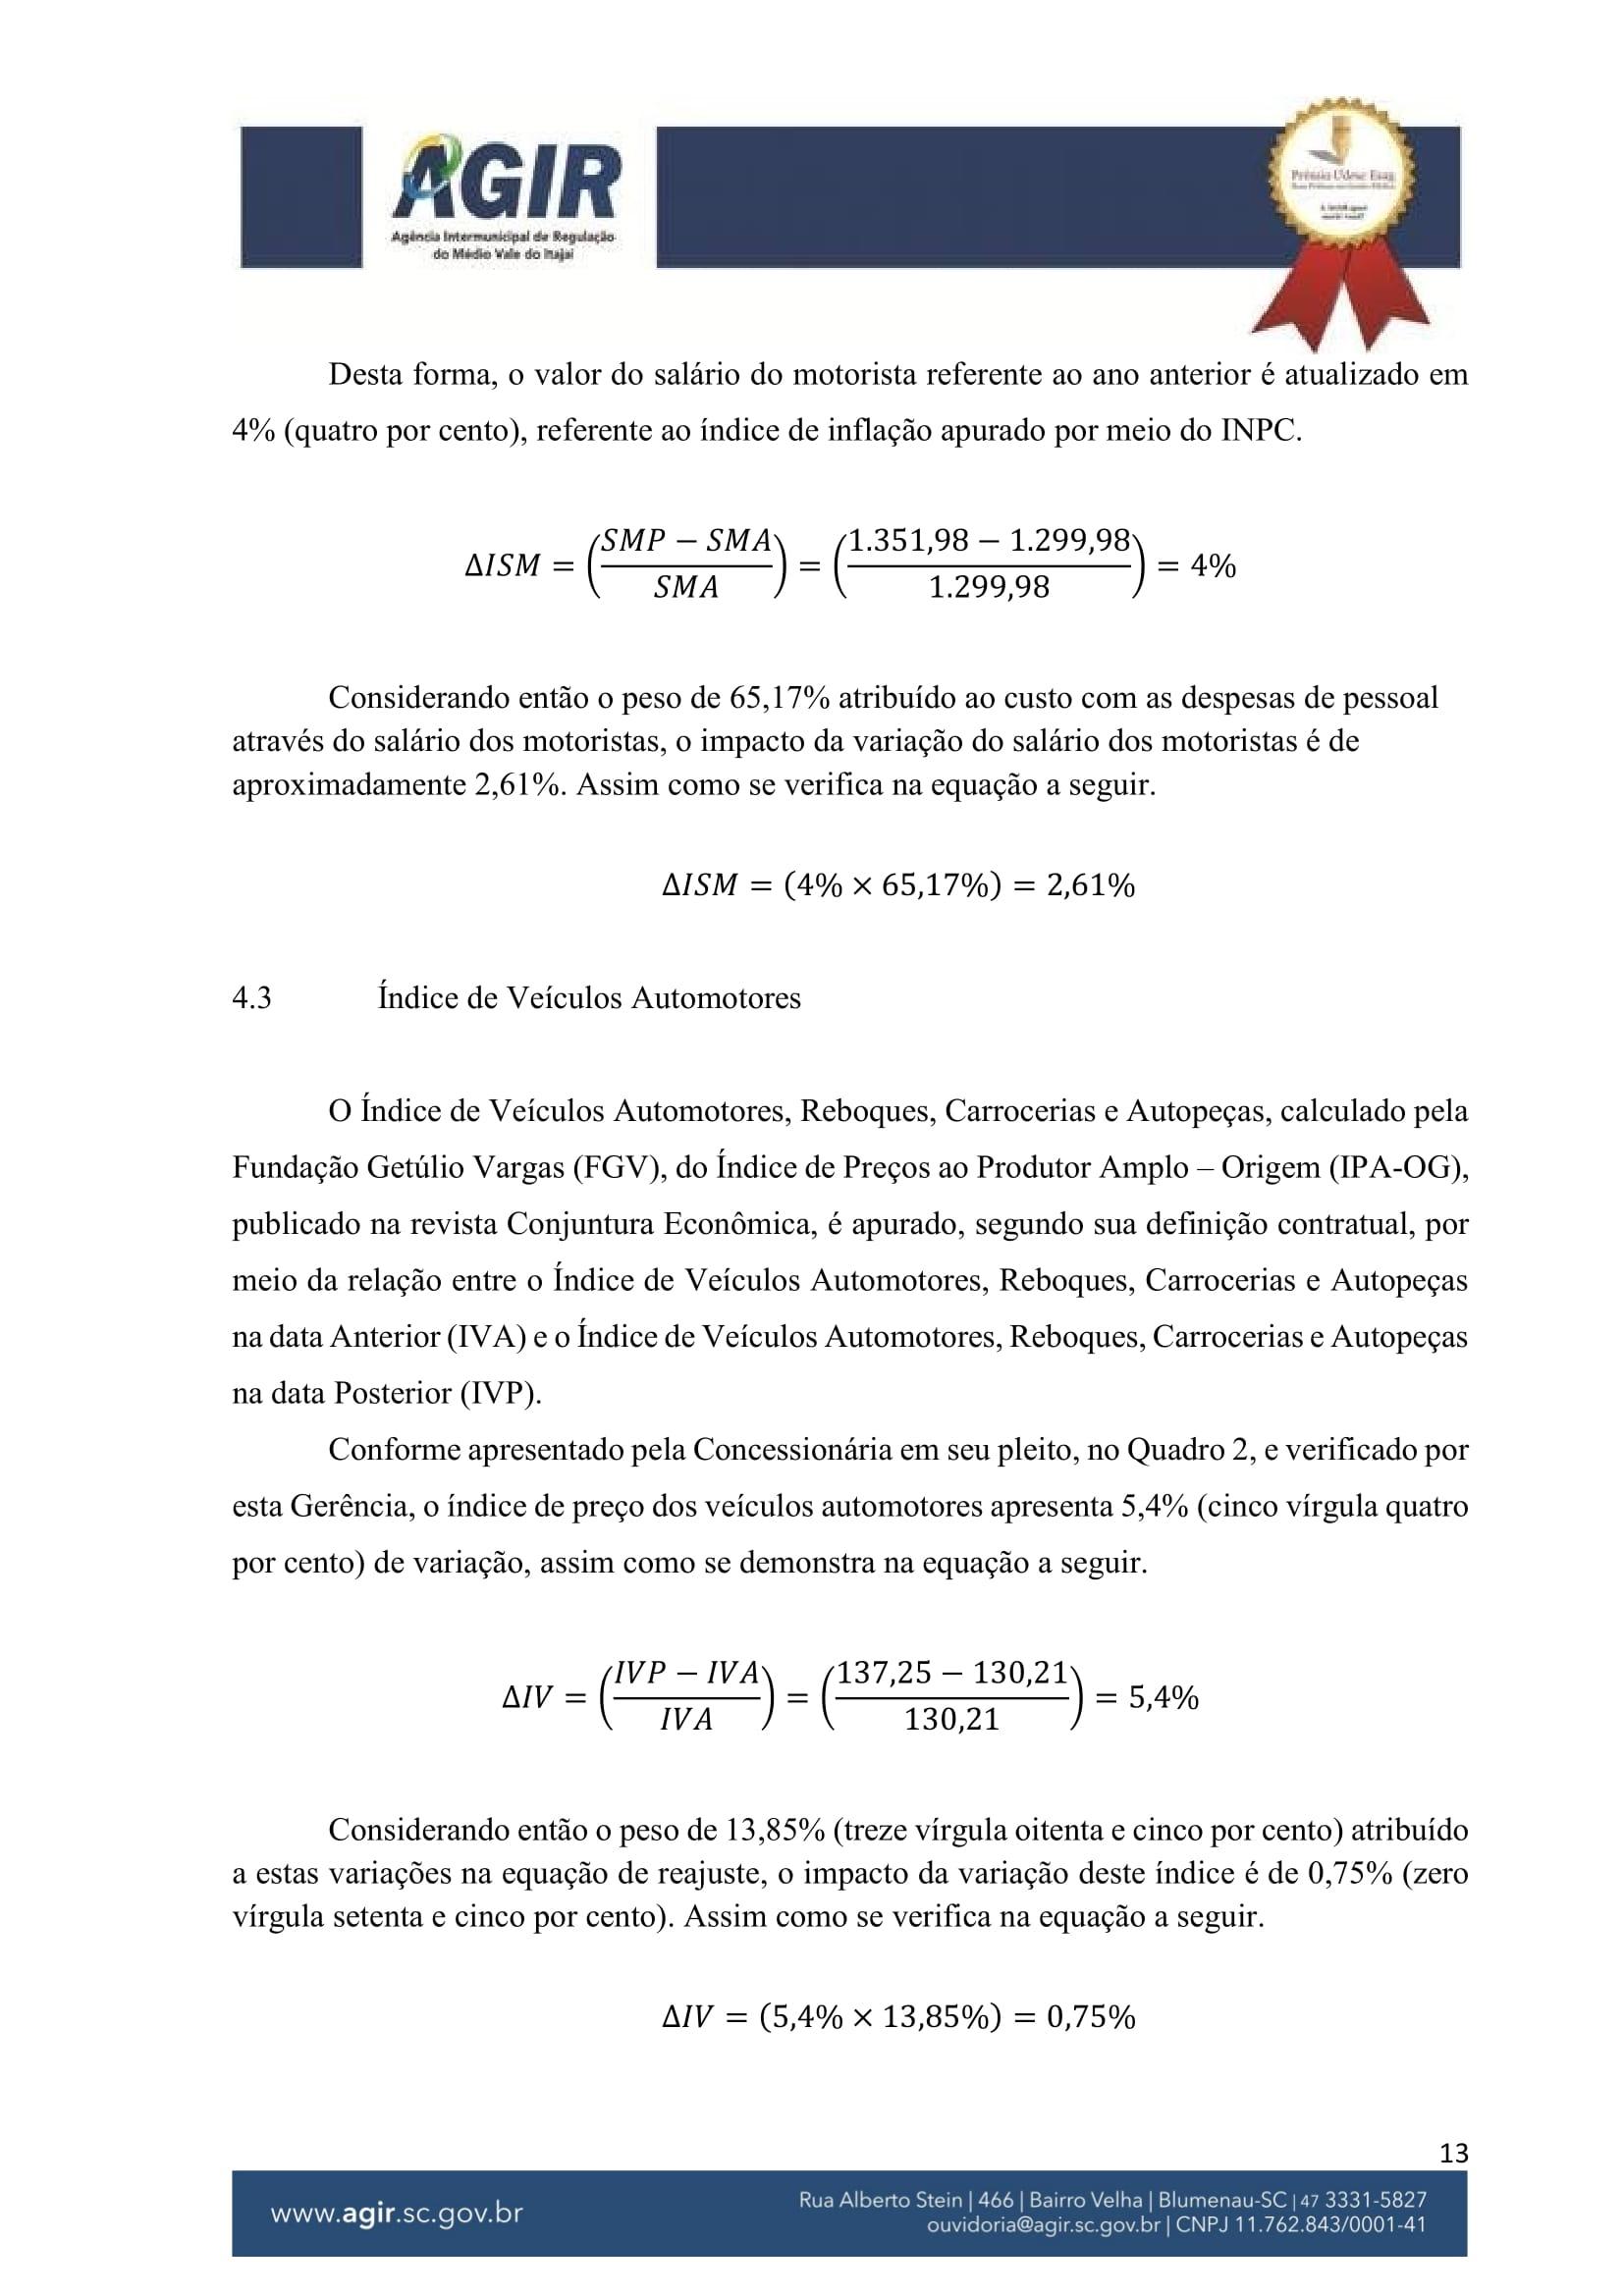 Parecer Administrativo nº 70-2018-13